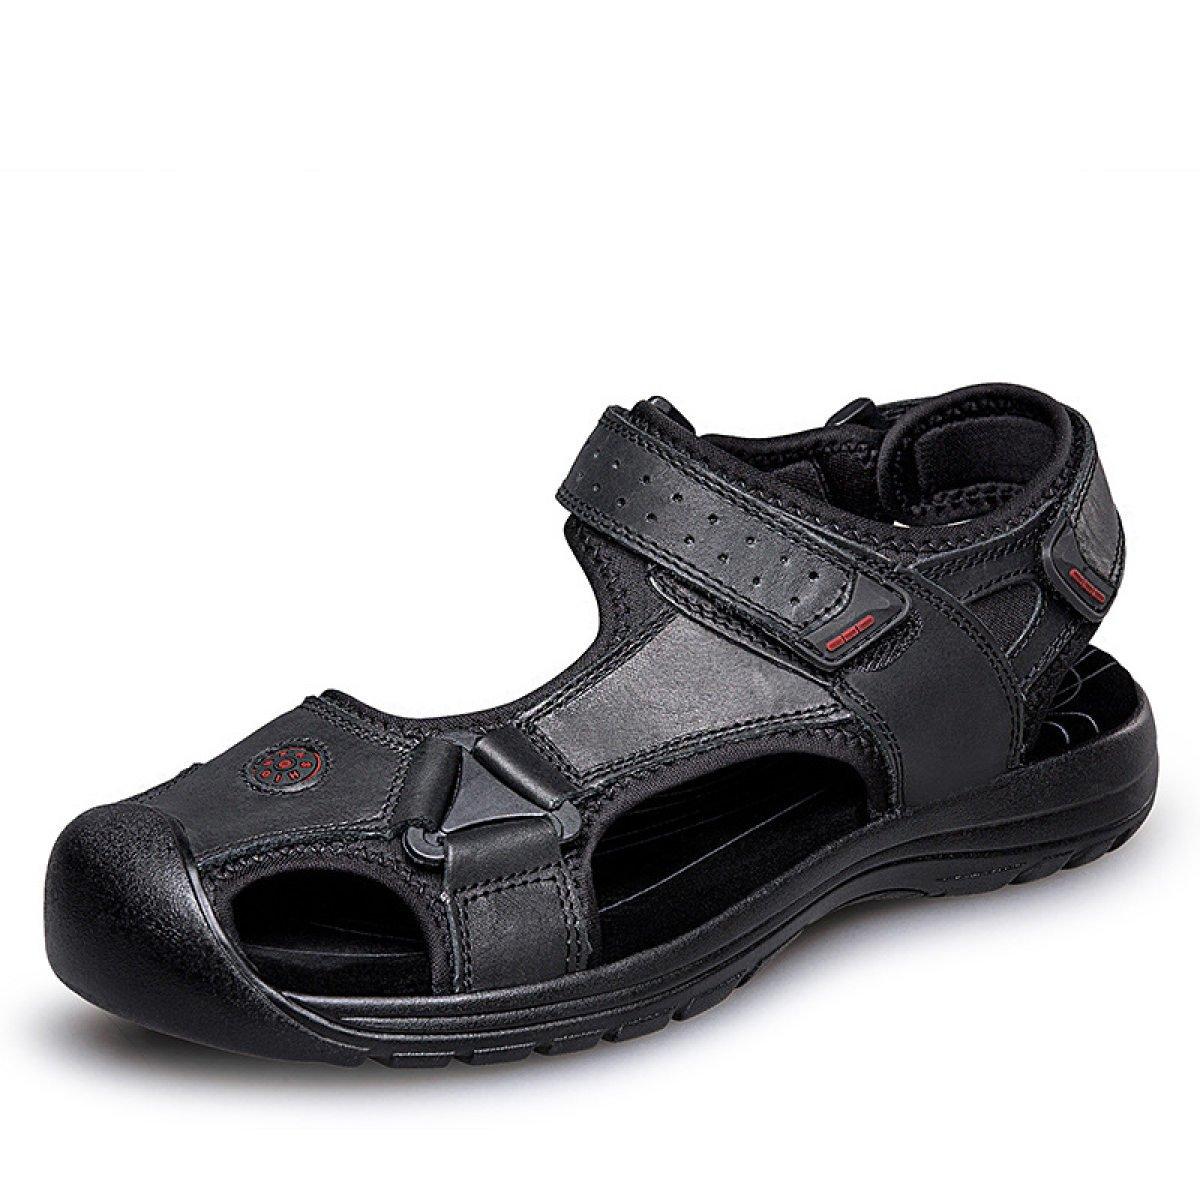 LYZGF Sandalias De Playa Ocasionales De La Juventud De Los Hombres Sandalias De La Comodidad De La Moda 39 EU|Black